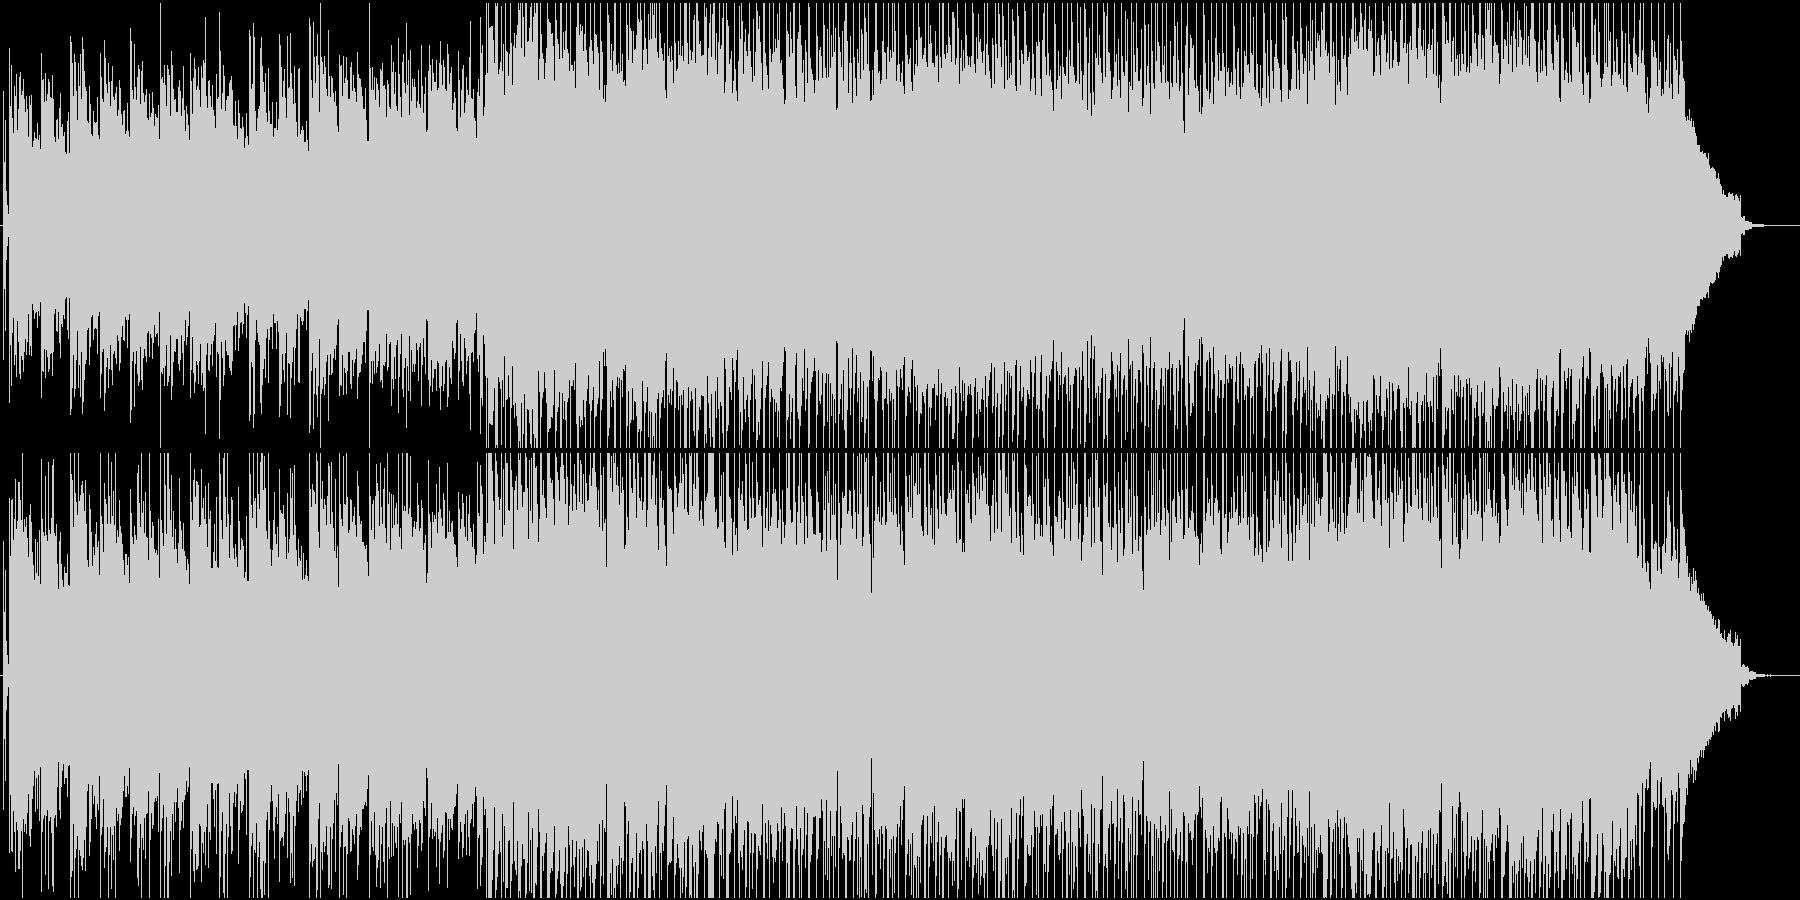 エンニオモリコーネ風の感傷的なオリジナルの未再生の波形